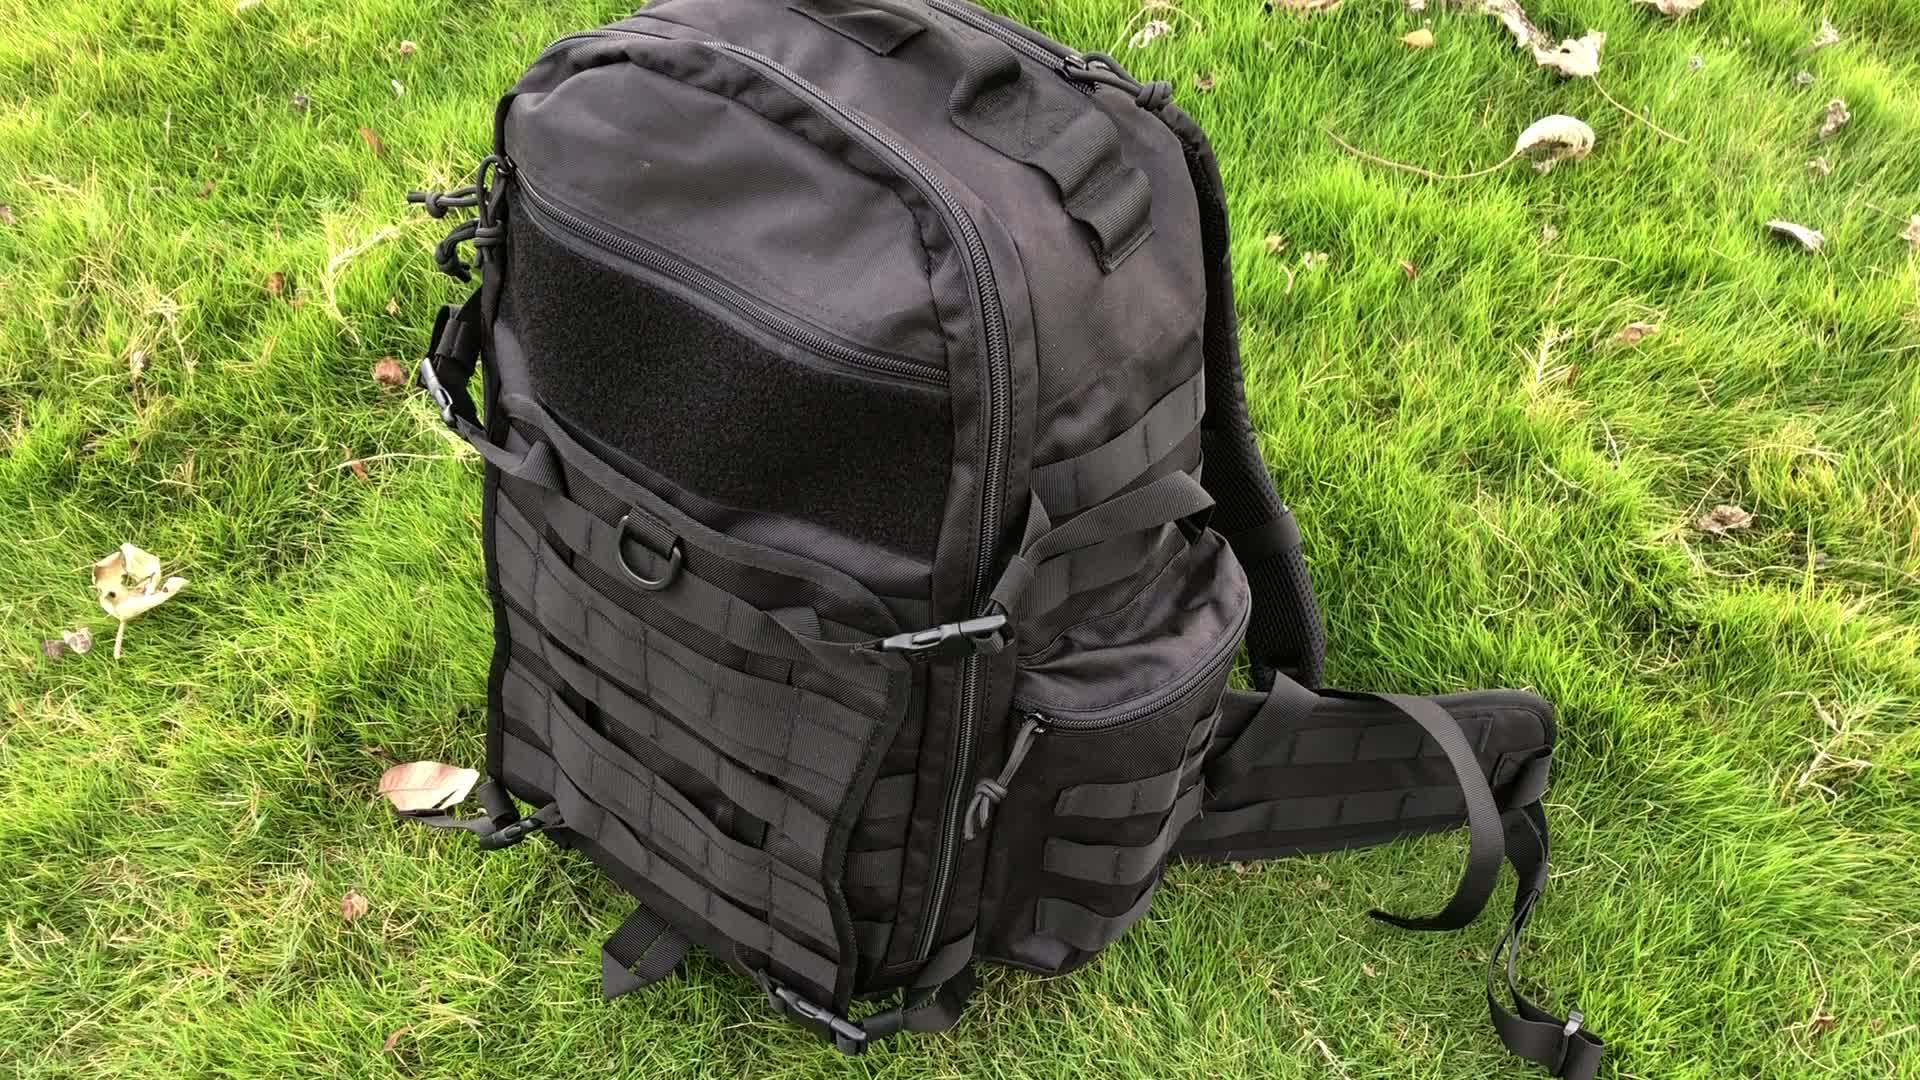 Chiến thuật Ba Lô Molle Daypack YKK Dây Kéo Cordura Nylon Bag cho Cắm Trại Đi Bộ Đường Dài Quân Sự Đi Du Lịch